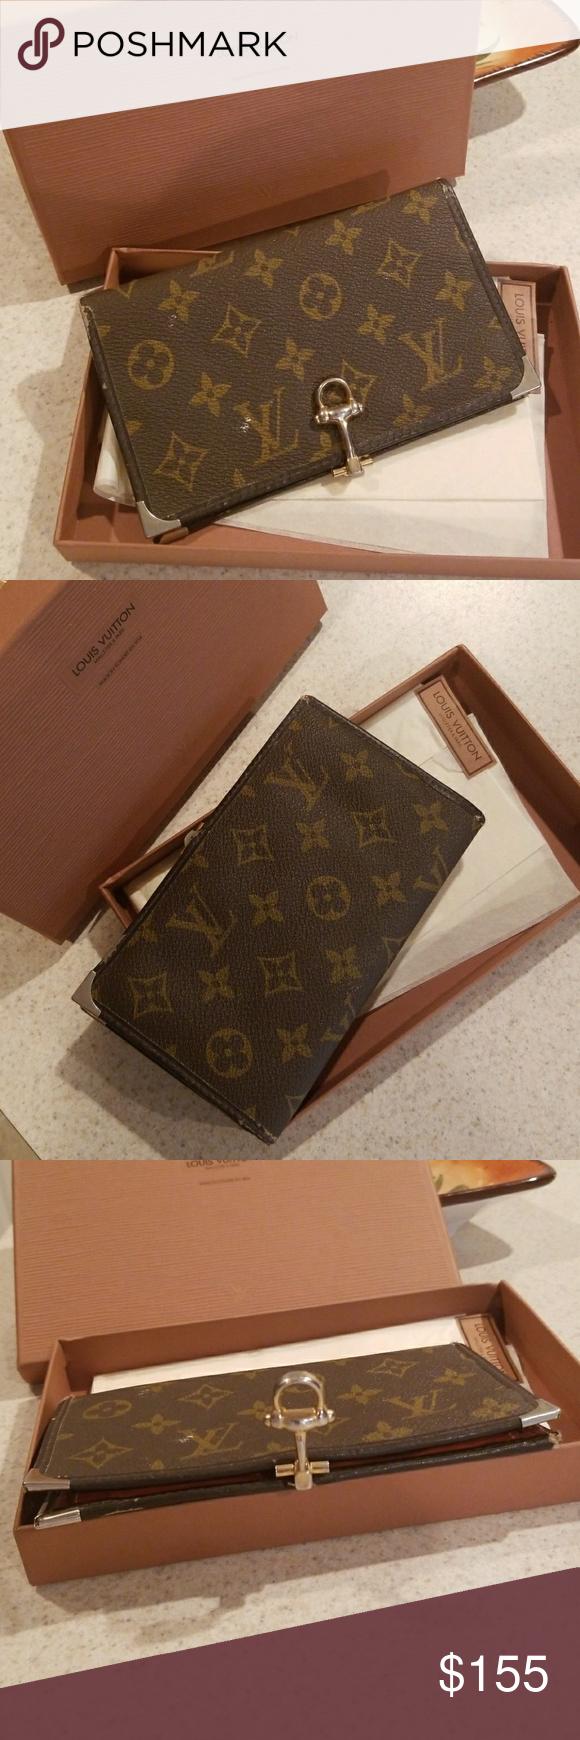 Authentic Vintage Louis Vuitton Wallet Vintage Louis Vuitton Louis Vuitton Wallet Louis Vuitton